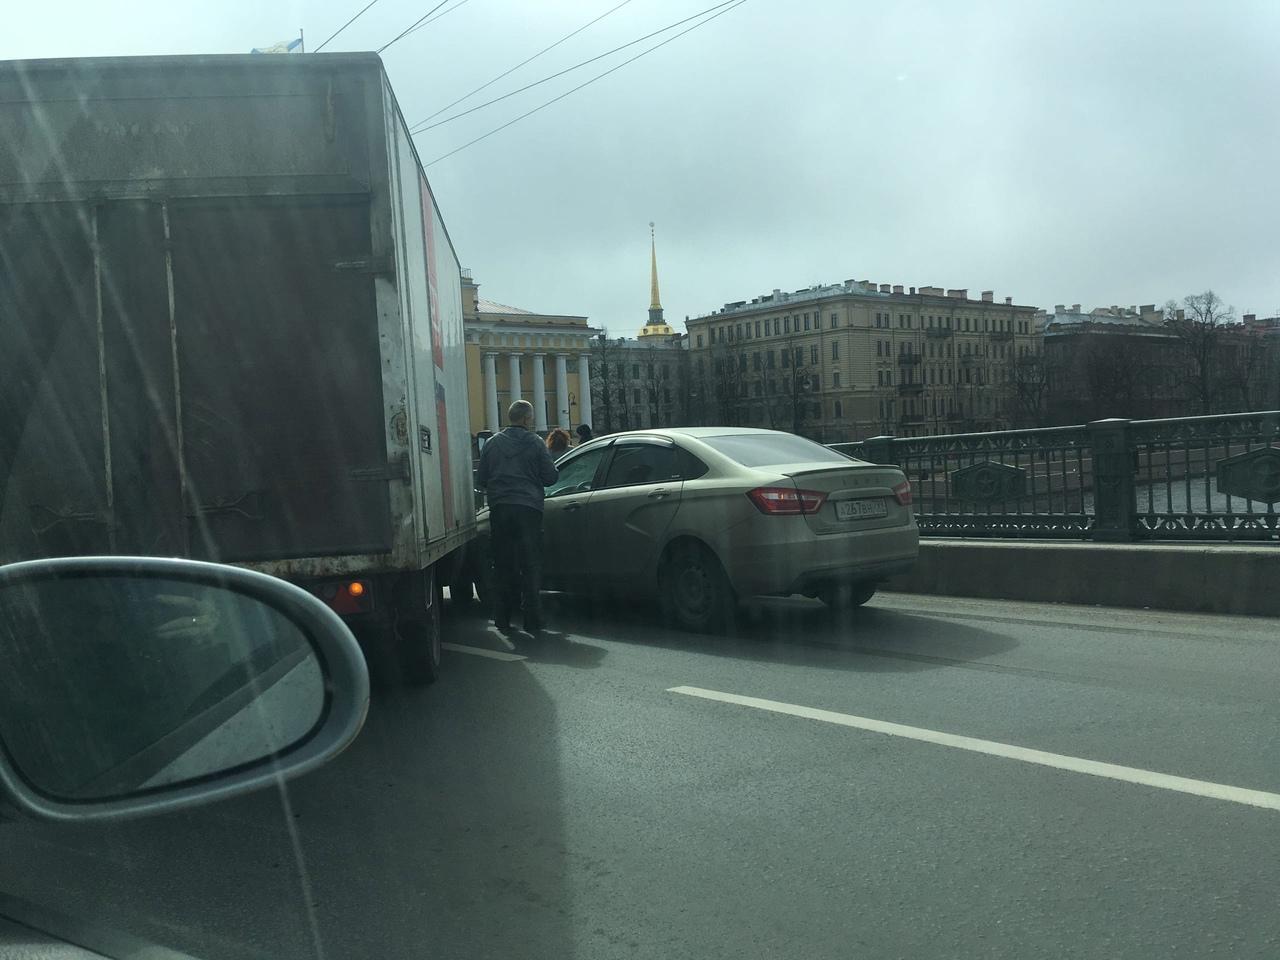 В 12:20 на Дворцовом мосту столкнулись Лада и Газель. Заняты две полосы.